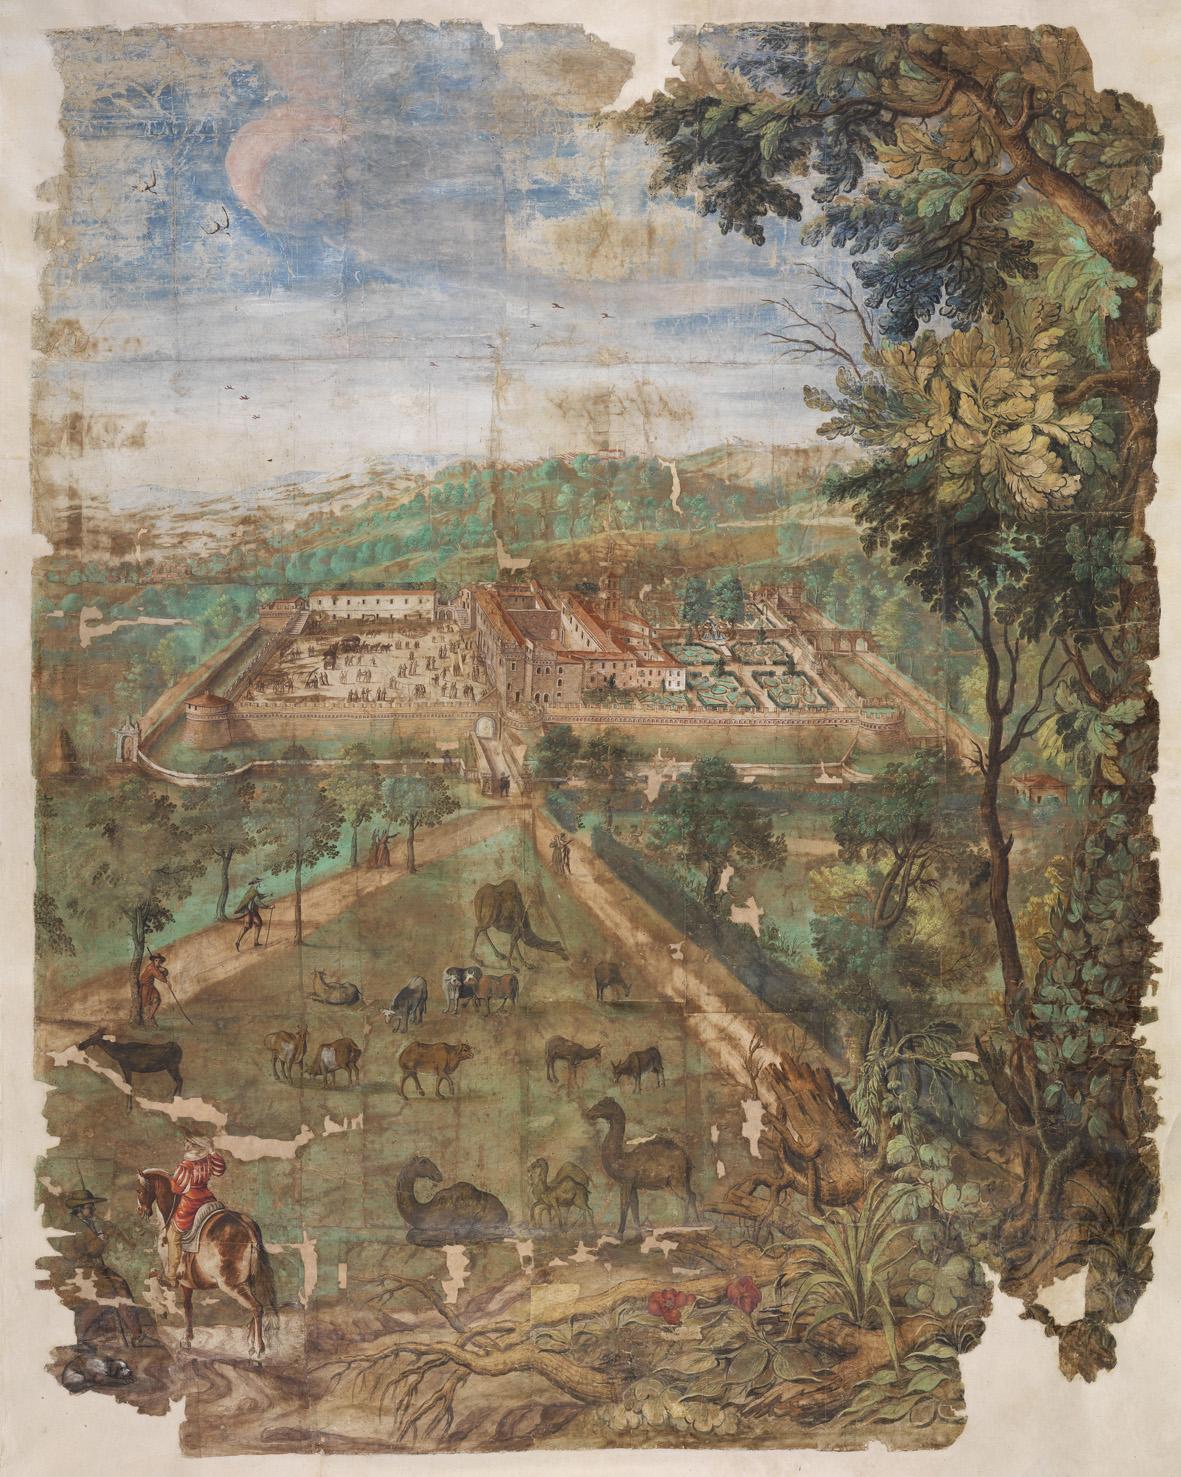 Villa medicea di Cerreto Guidi, museo della caccia e del territorio | Firenze (FI)